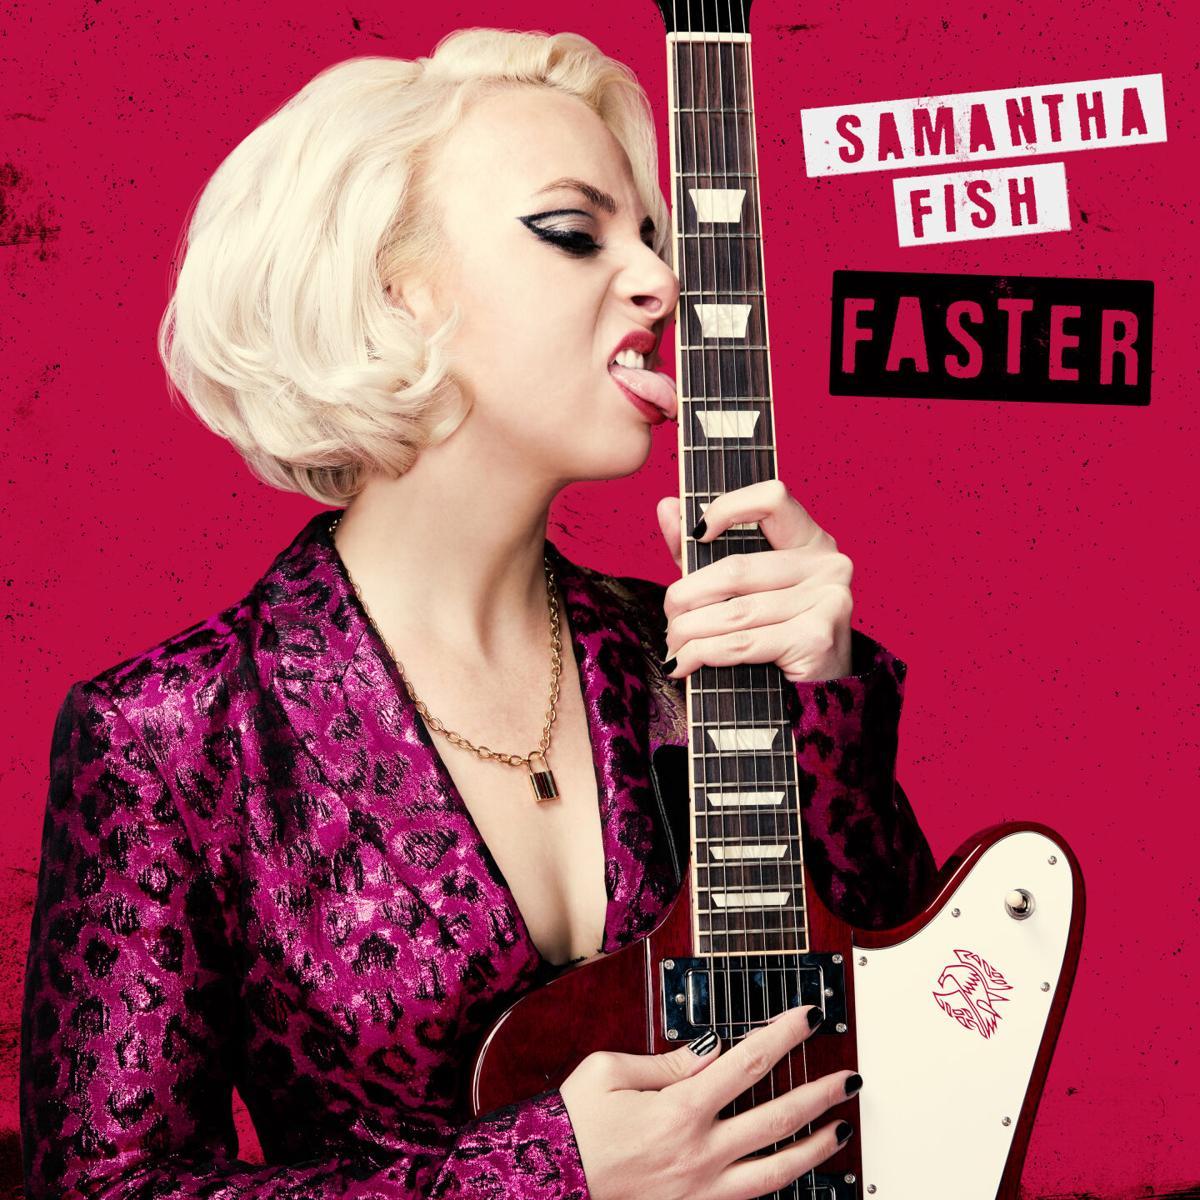 SamanthaFish_Faster